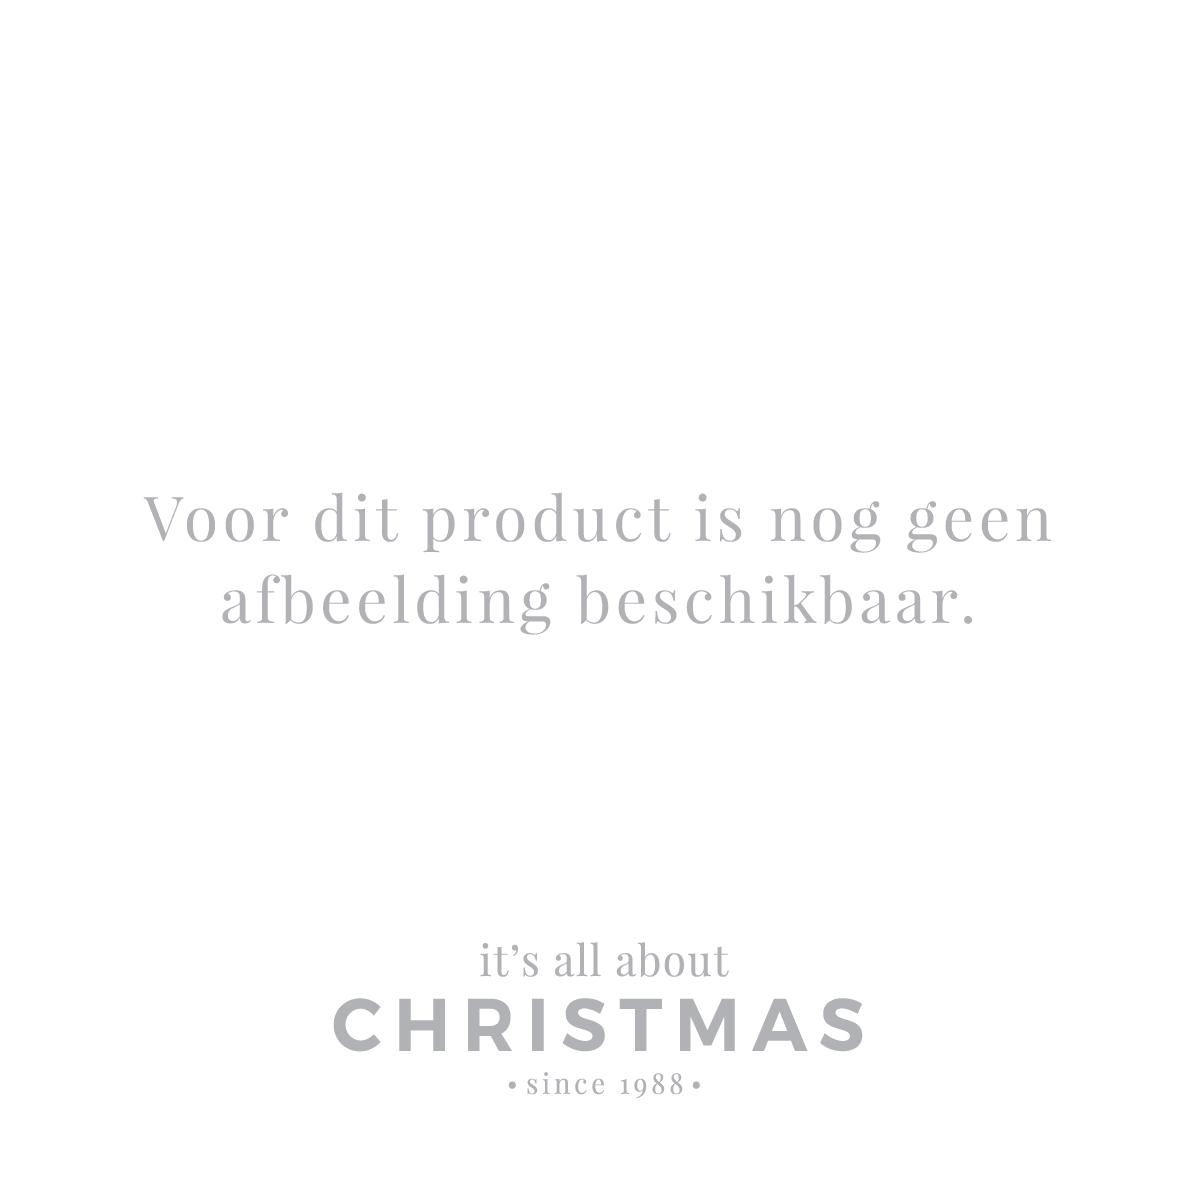 24 shatterproof Christmas baubles scandinavian mix 2.5 cm